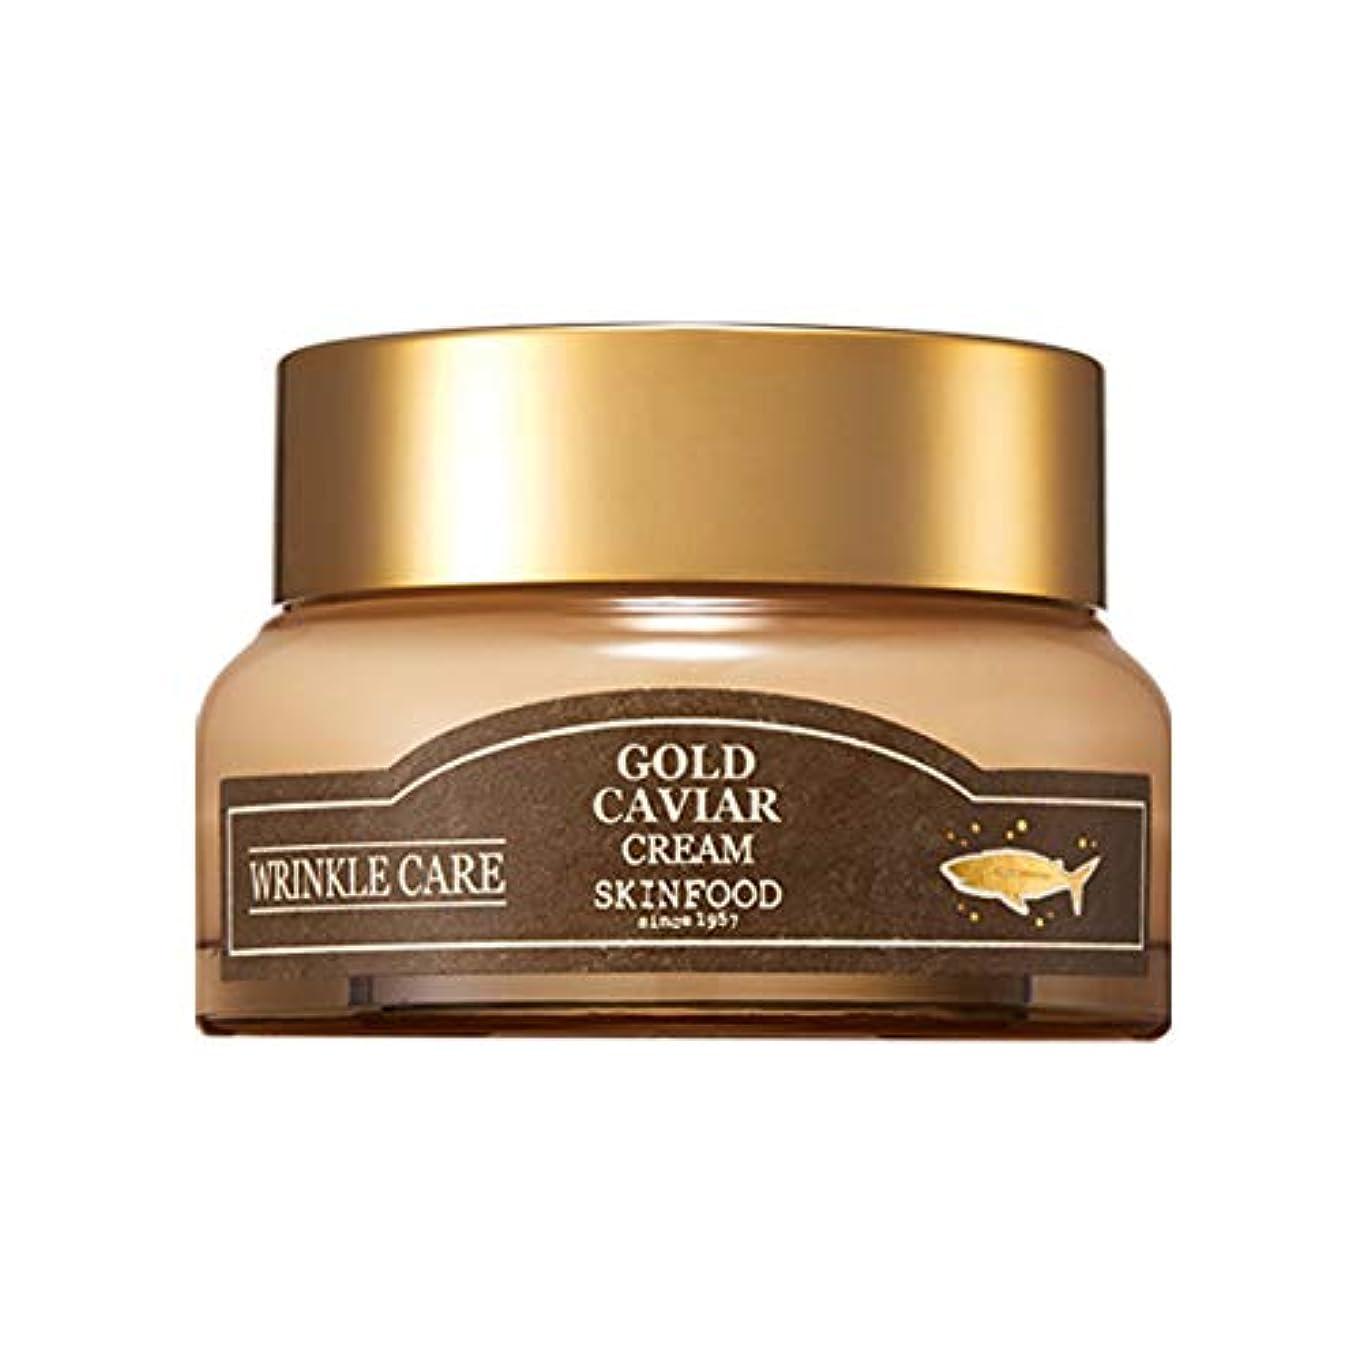 ぐったり複製する馬力Skinfood ゴールドキャビアクリーム[しわケア用化粧品] / Gold Caviar Cream [Cosmeceutical for wrinkle care] 54ml [並行輸入品]